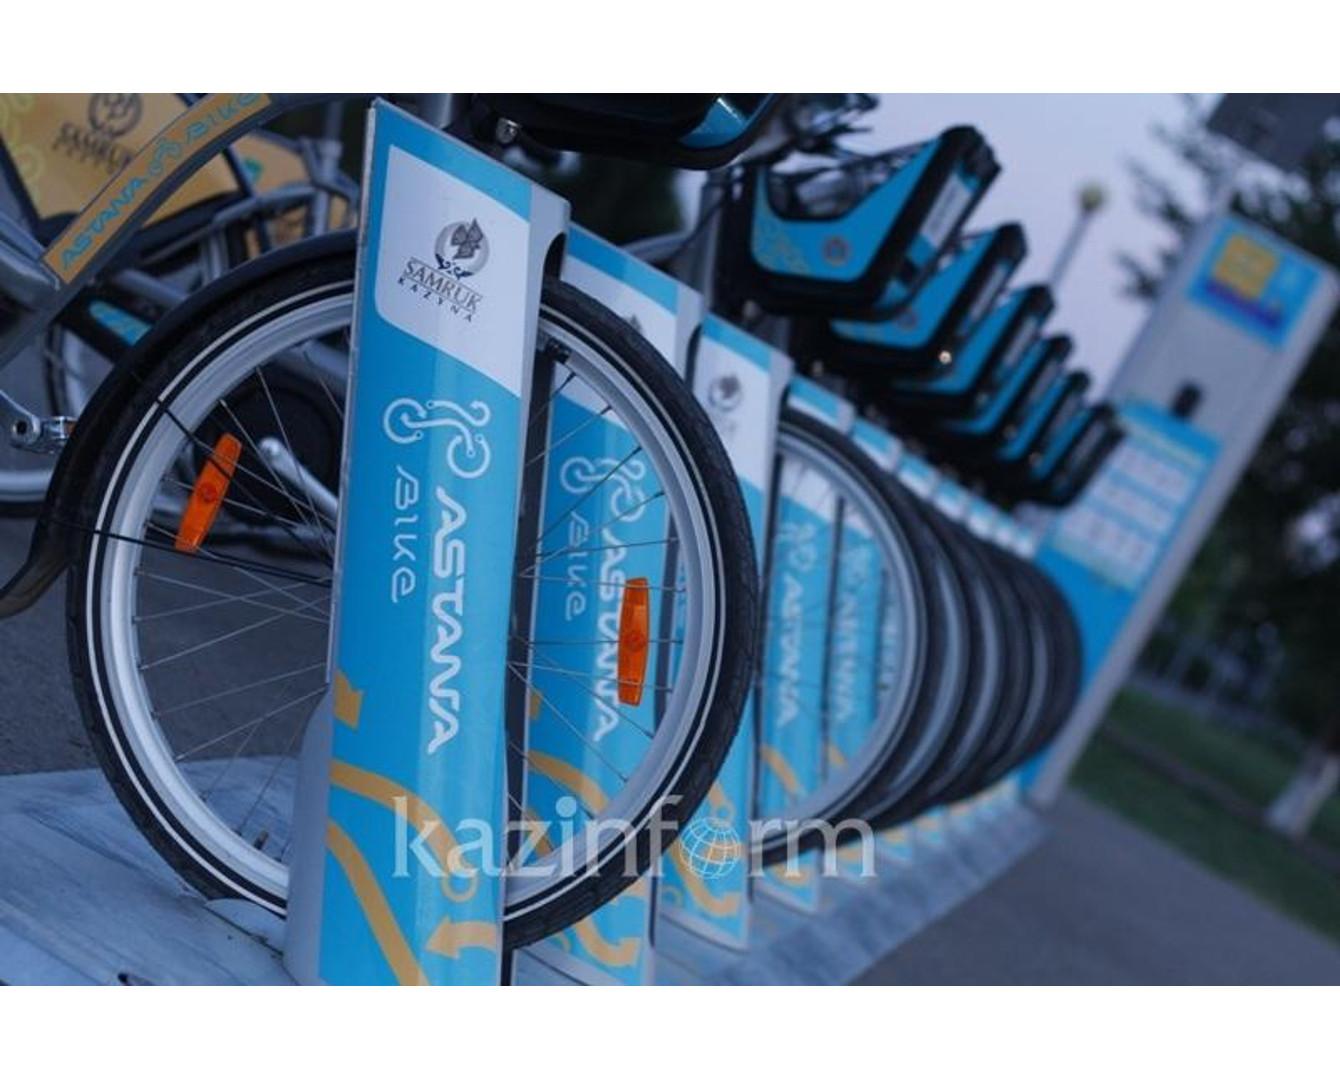 Дополнительные тарифные планы на велопрокат запустили в столице